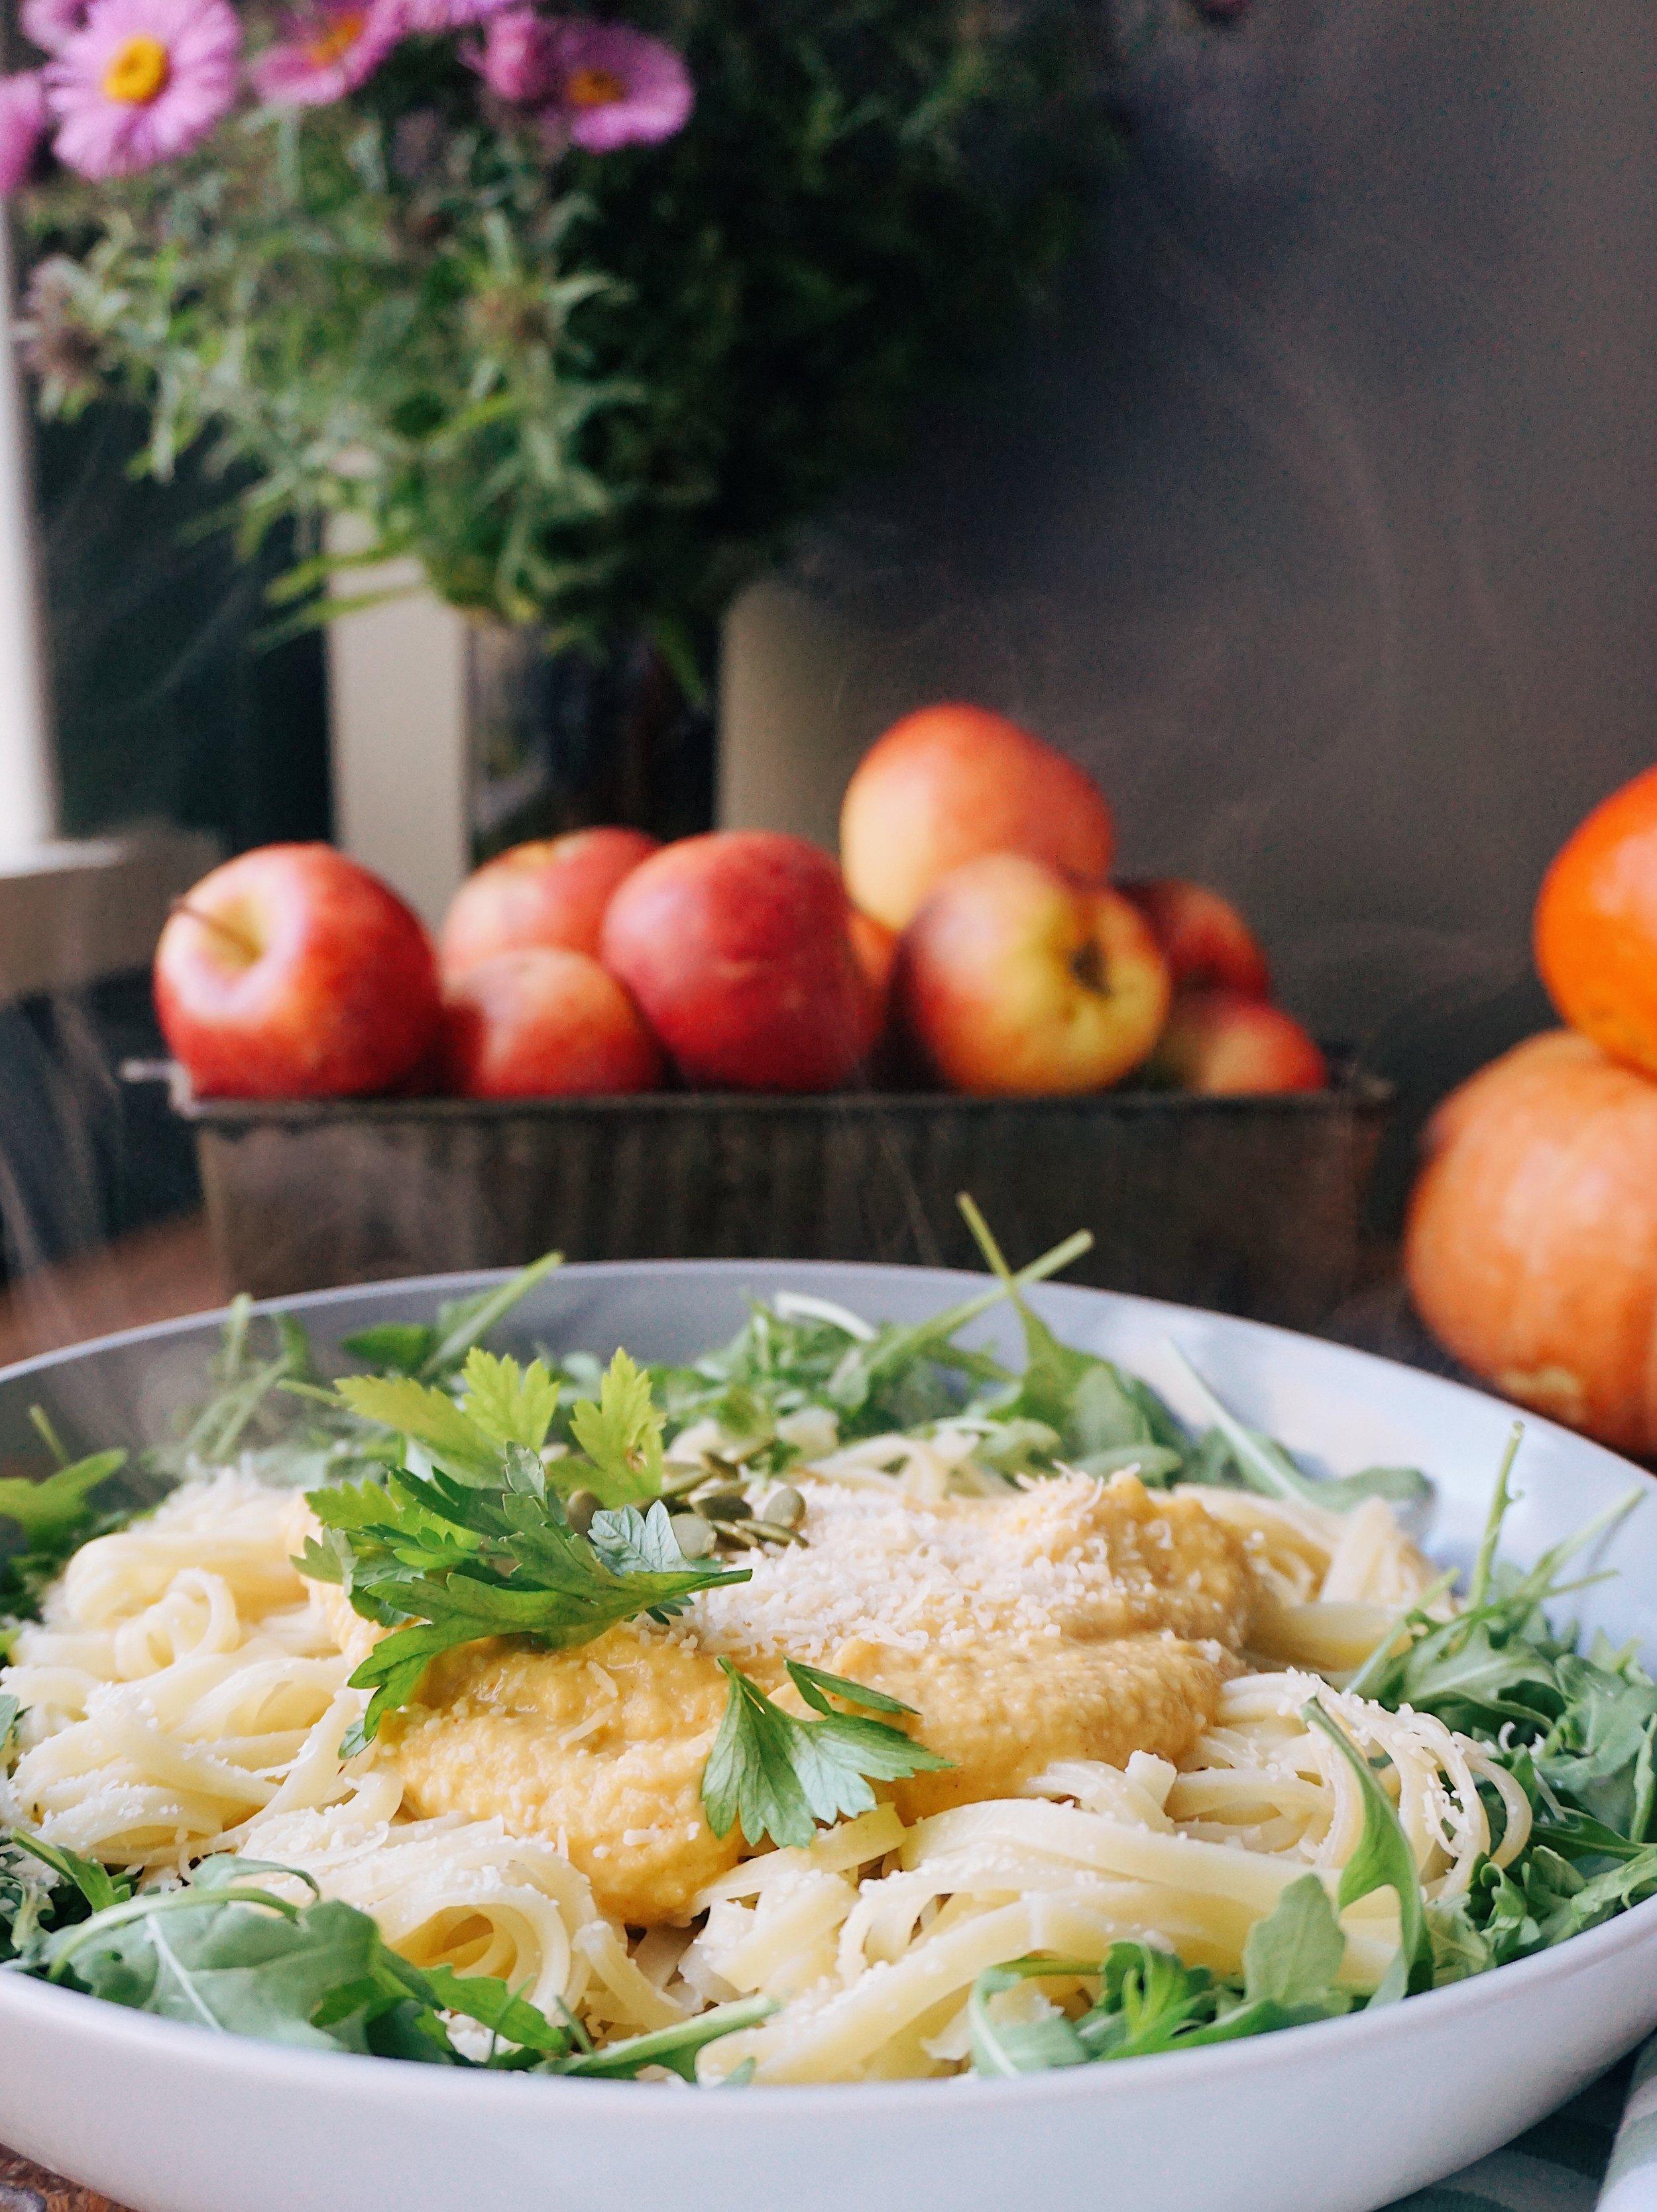 dzeltenā ķirbju mērce - jūs jau ziniet, ka ķirbi rudenī var ieslēpt gandrīz visos brokastu, pusdienu un vakariņu ēdienos. šoreiz to paslēpu krēmīgā pastas mērcē.